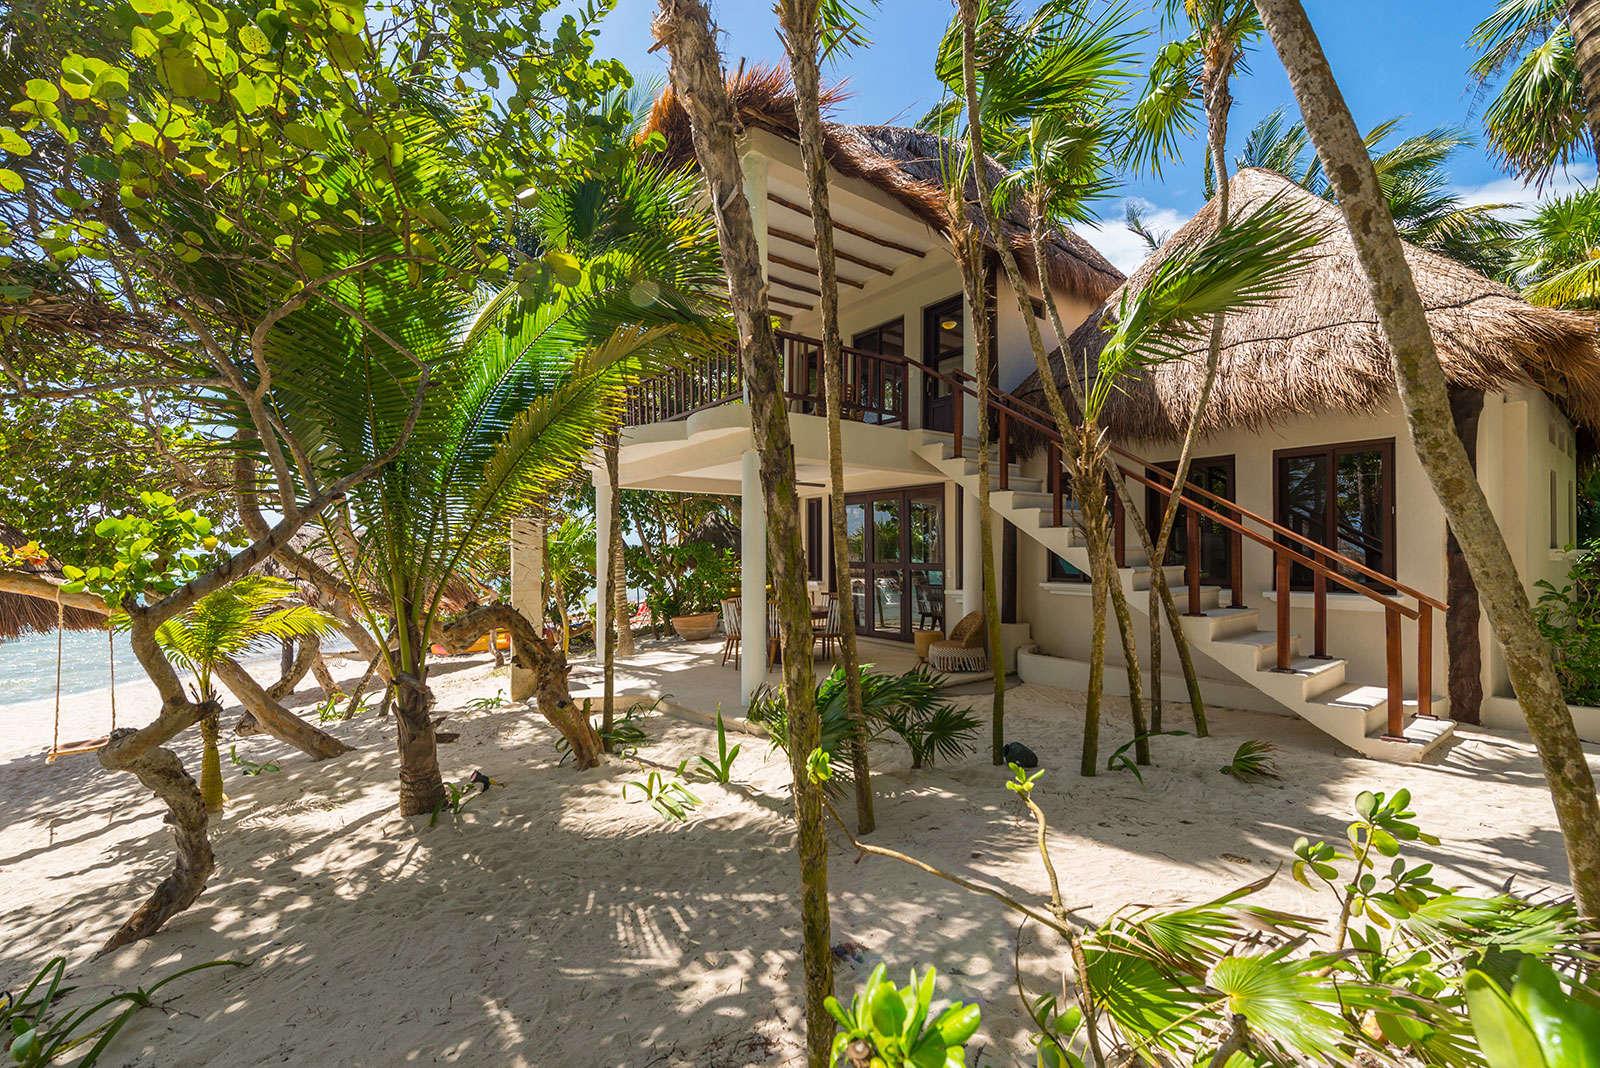 Luxury vacation rentals mexico - Riviera maya - Soliman bay - No location 4 - Corazon Estate - Image 1/21